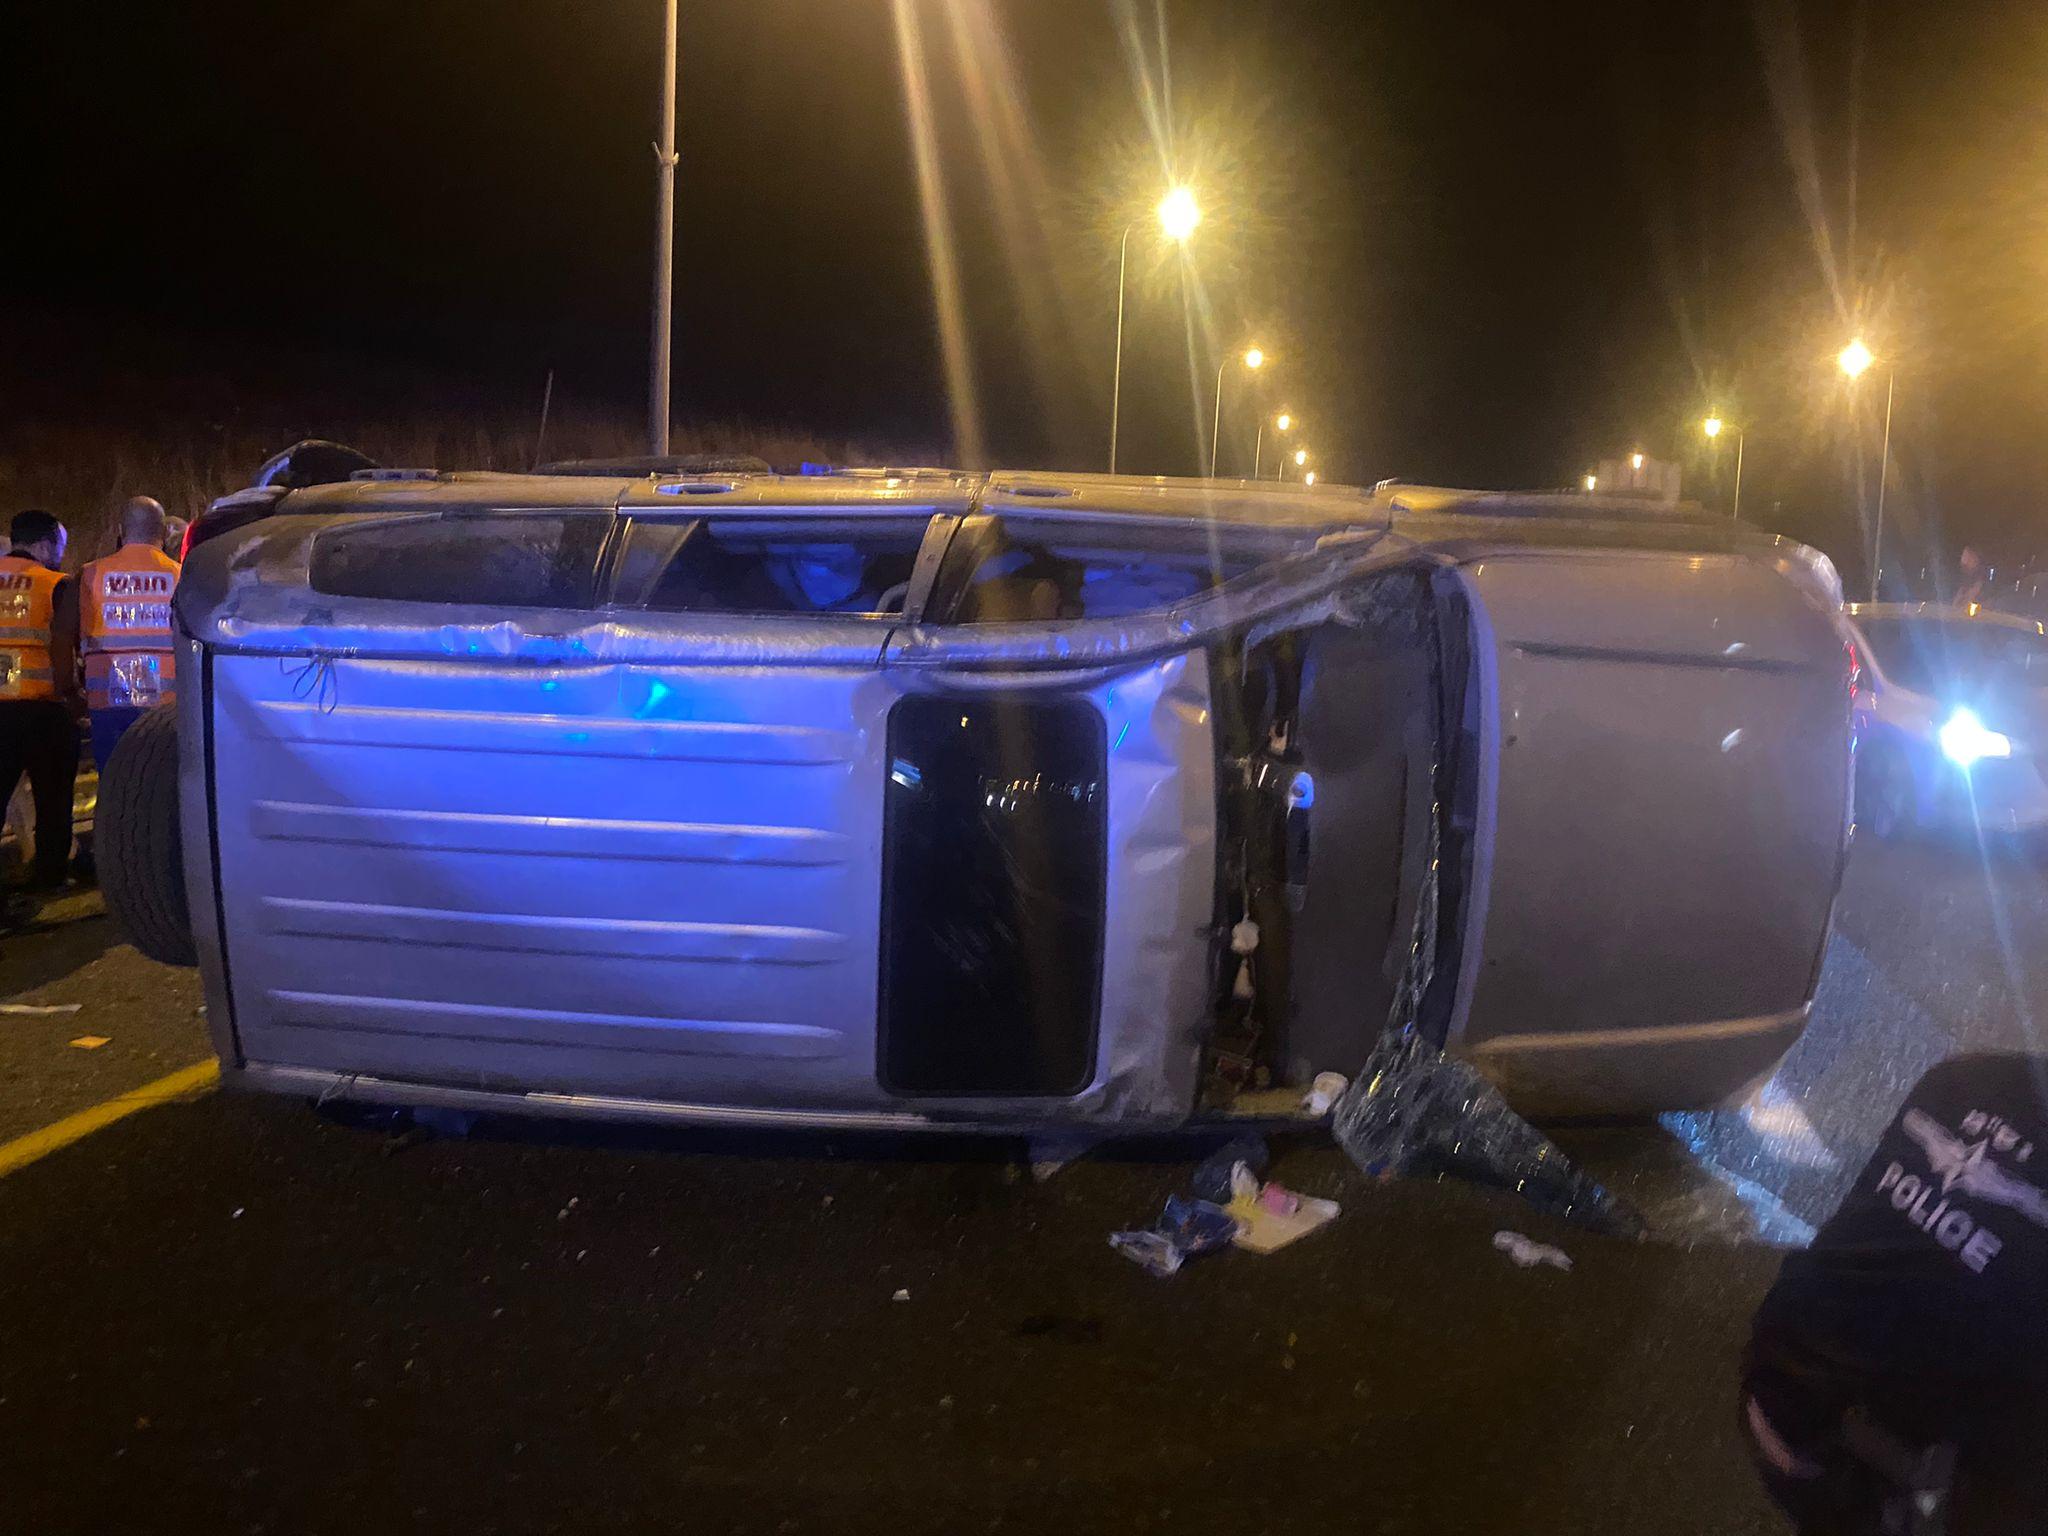 תאונת דרכים בסמוך לראש פינה שלושה פצועים במצב קל: